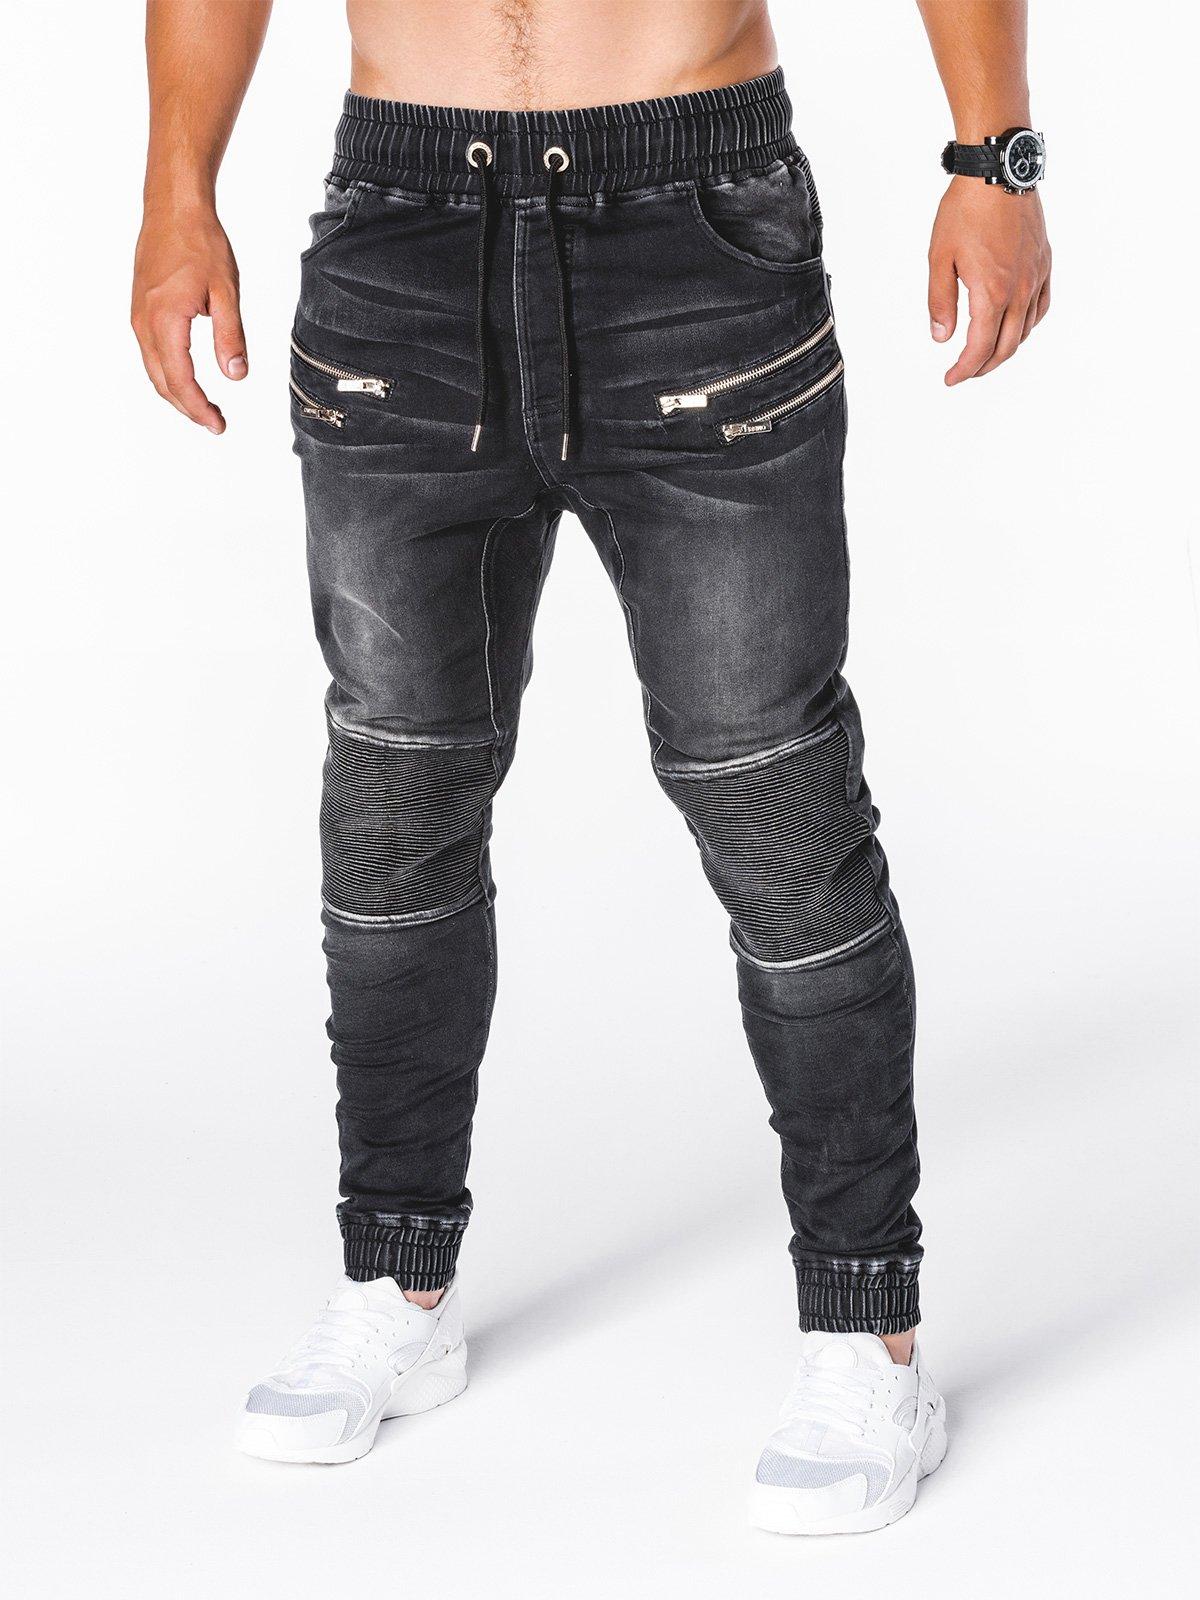 Spodnie męskie jeansowe joggery P405 - czarne